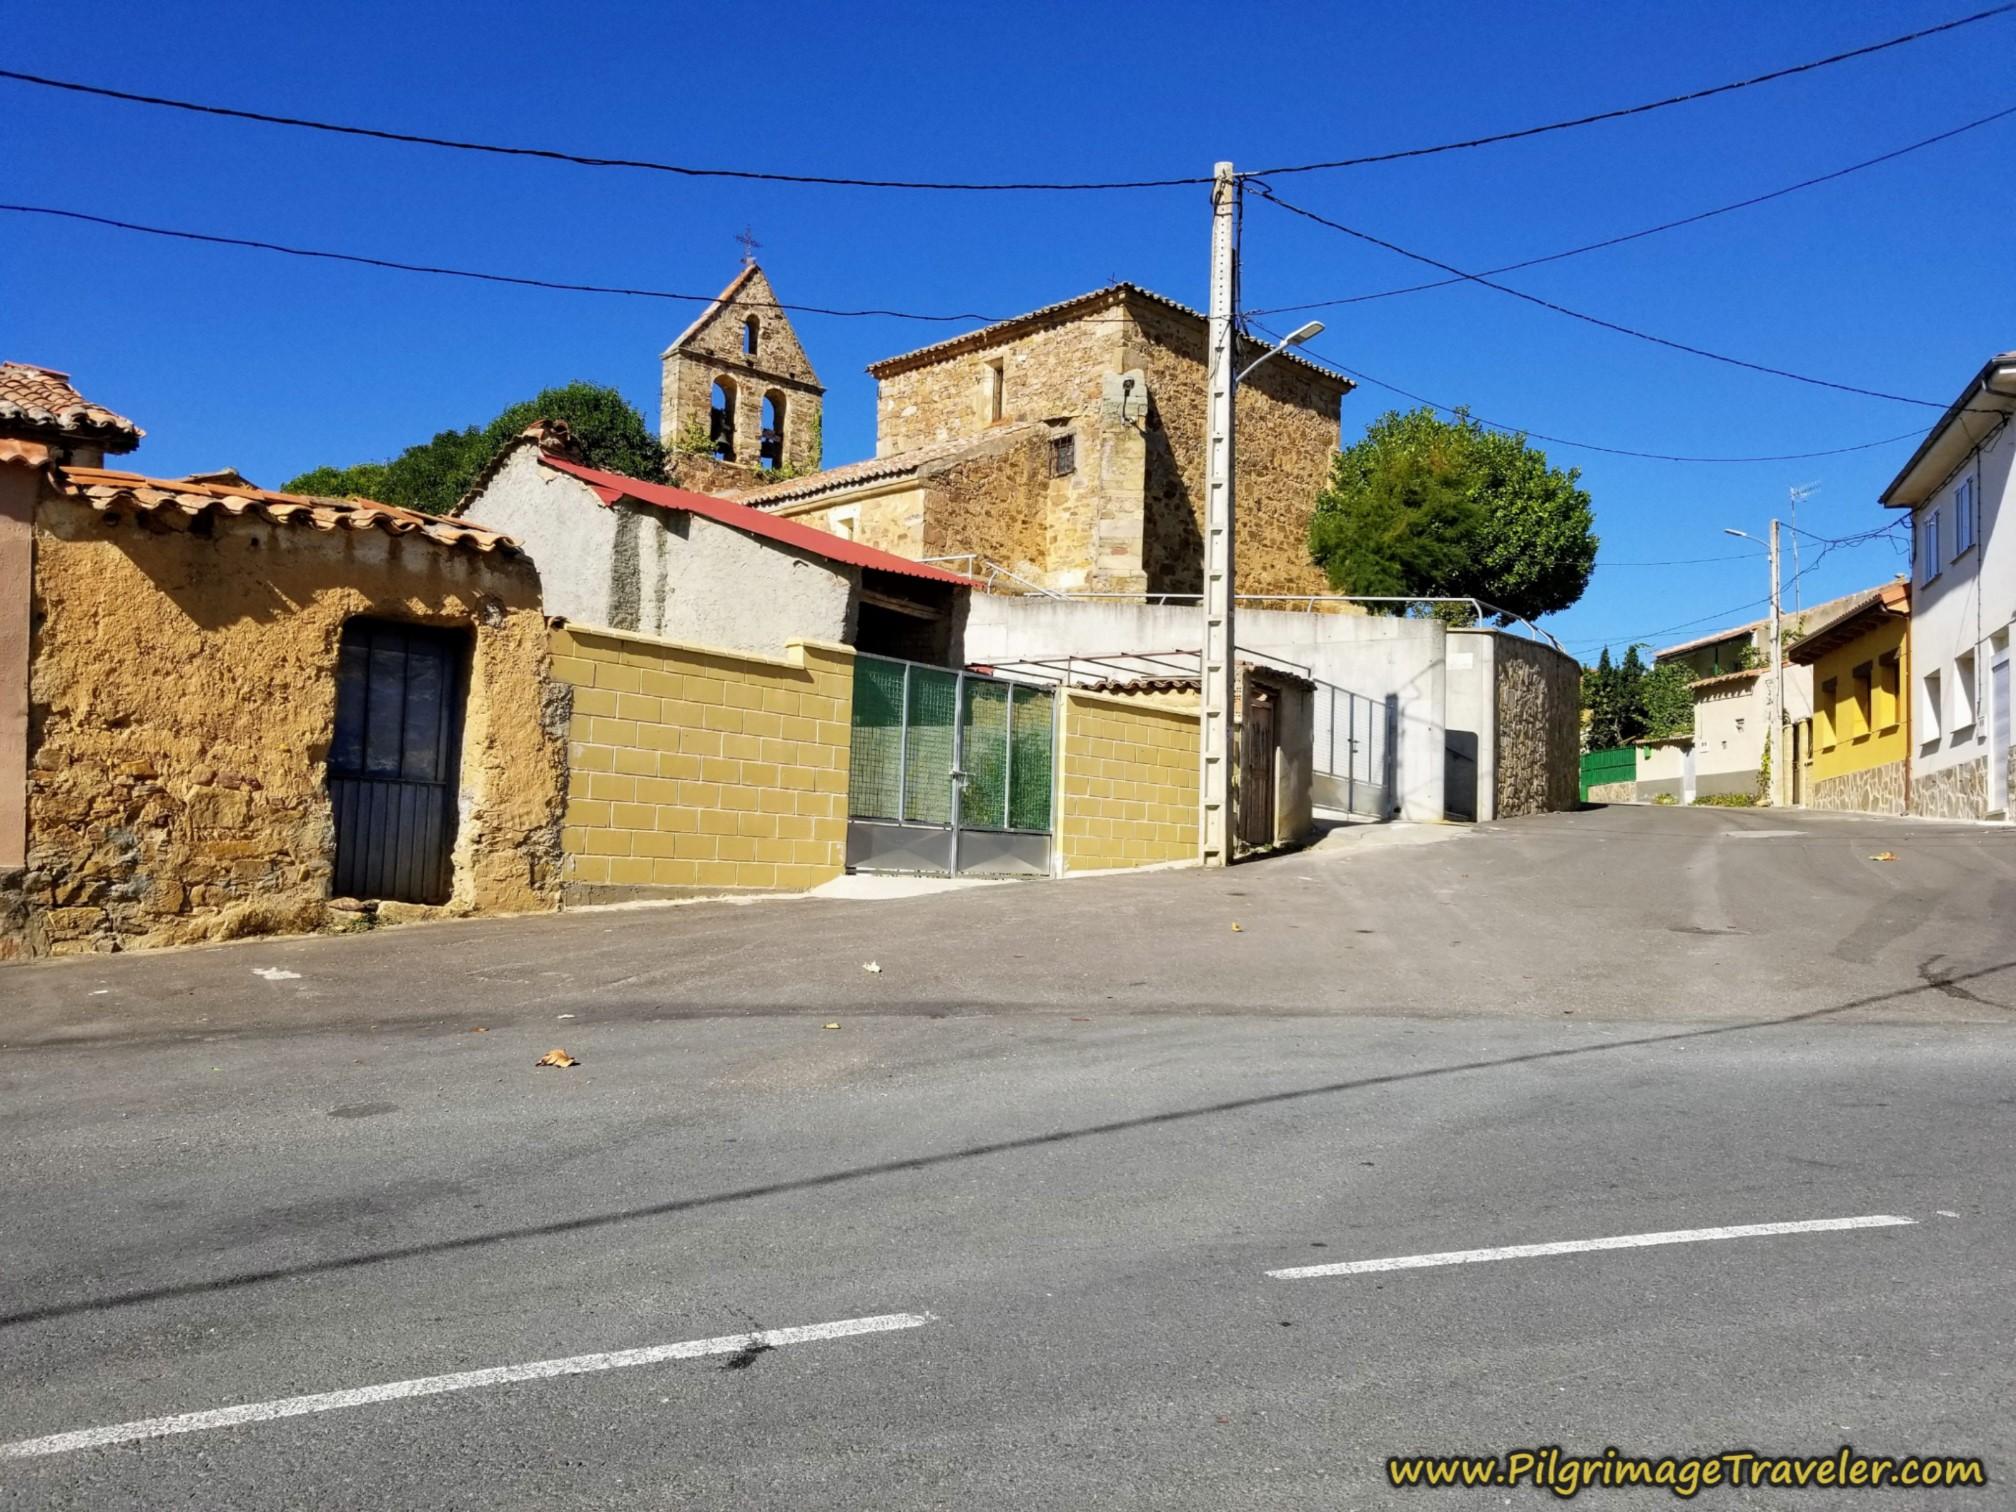 Uphill Toward Church on the Camino Sanabrés from Tábara to Santa Marta de Tera